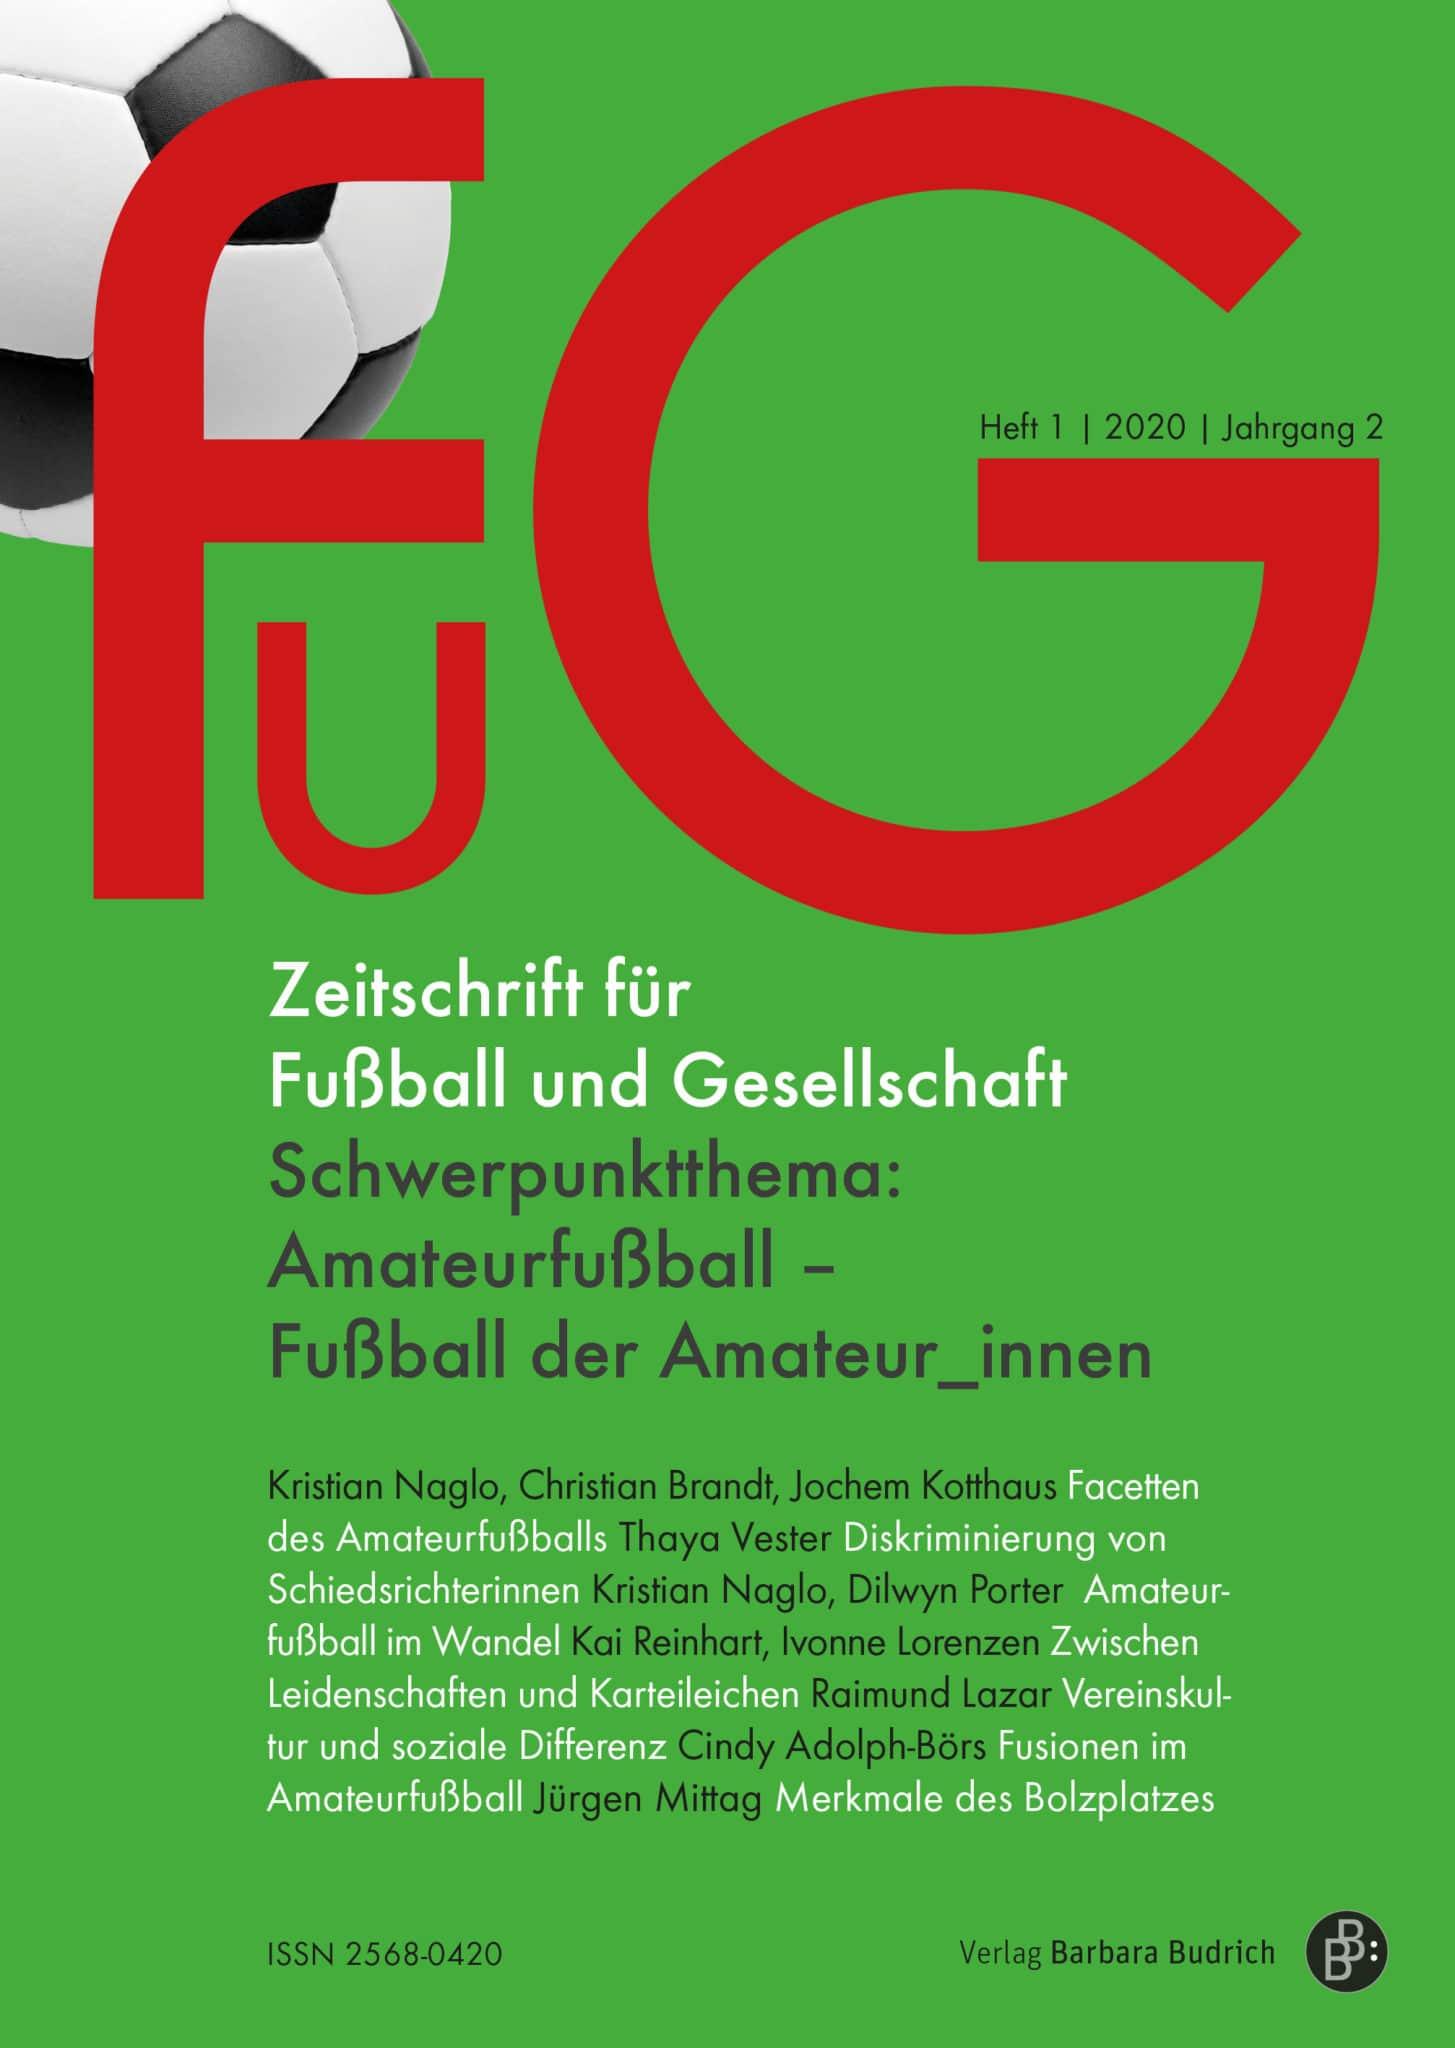 FuG – Zeitschrift für Fußball und Gesellschaft 1-2020: Amateurfußball – Fußball der Amateur_innen